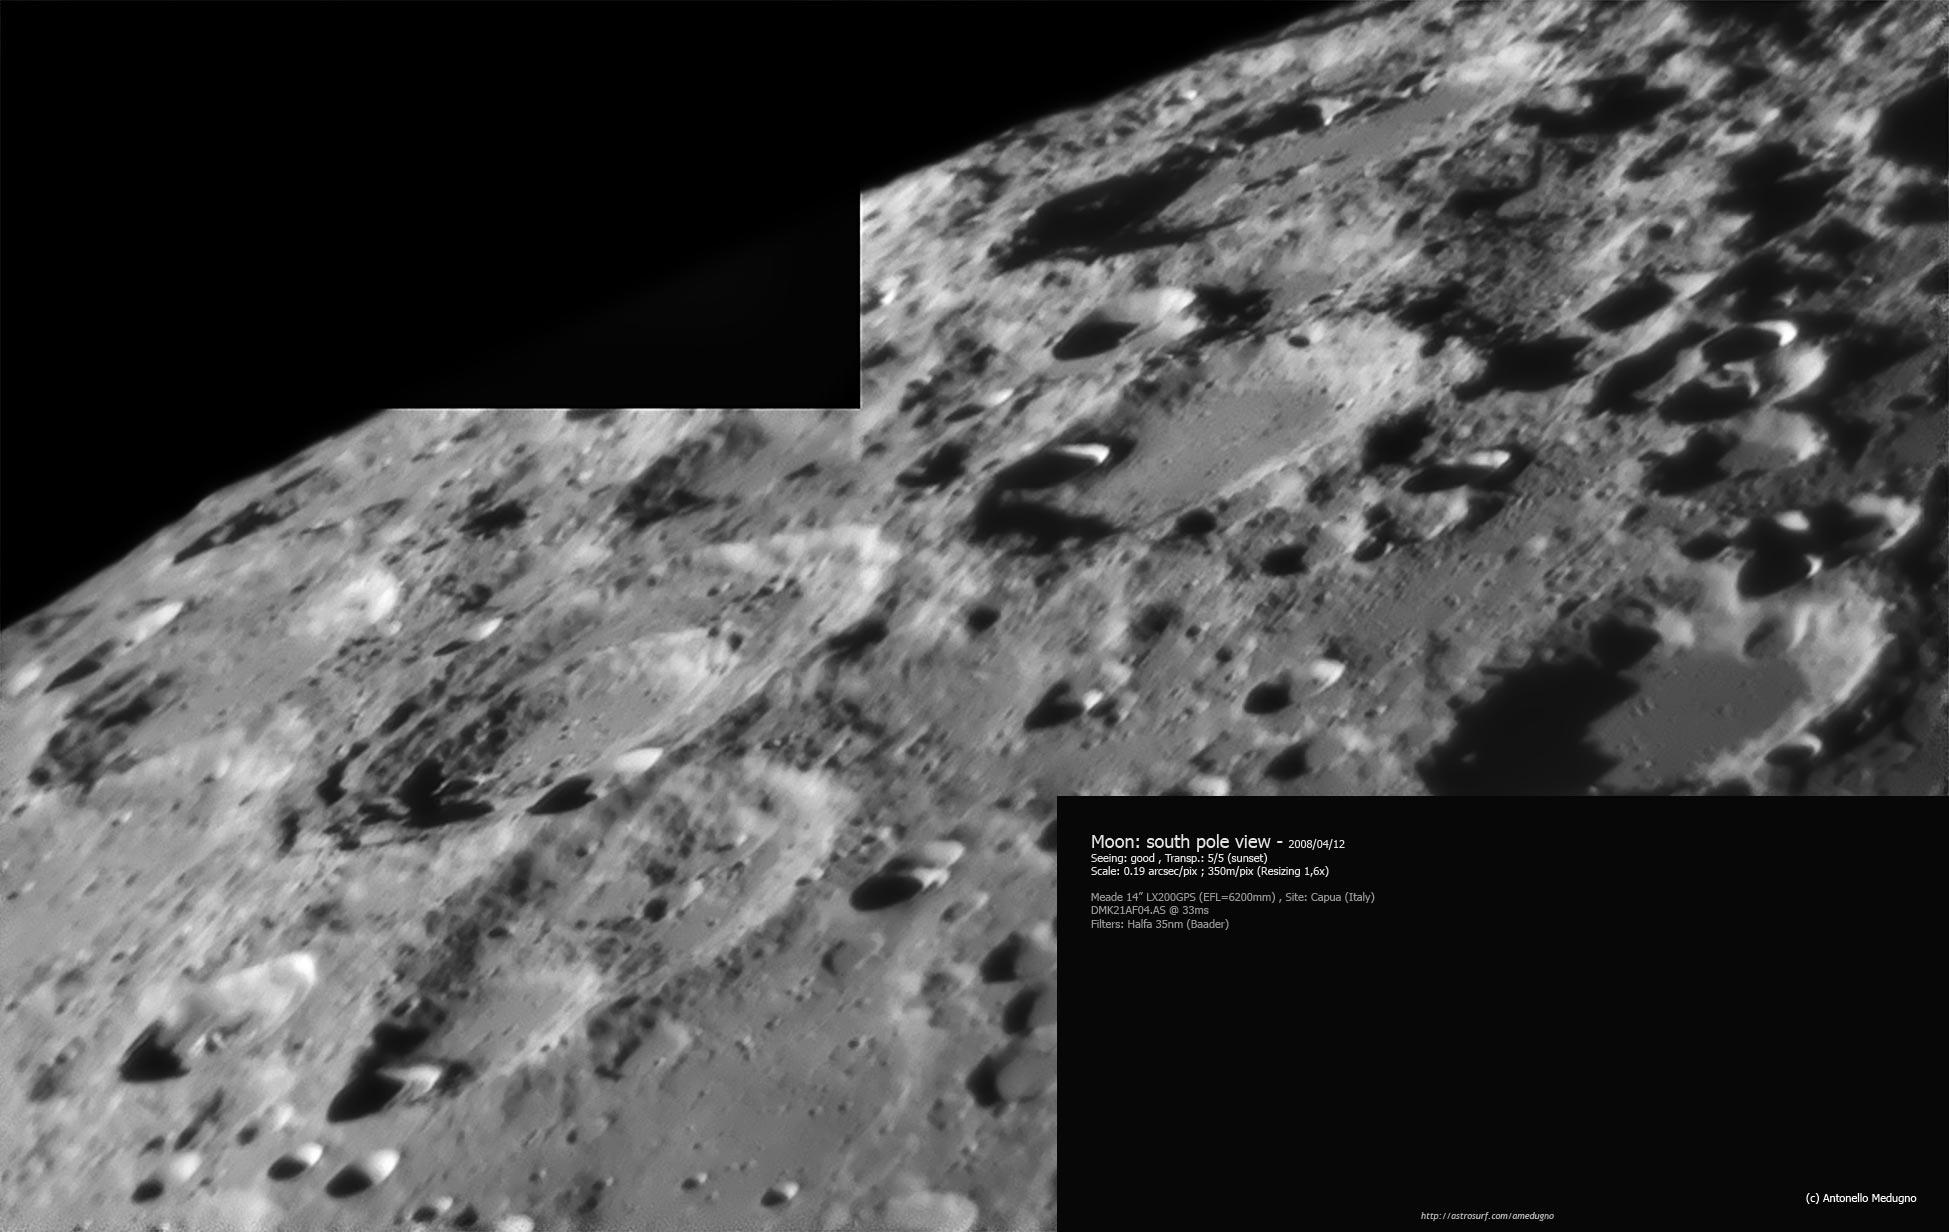 moonHa_southpole_medugno